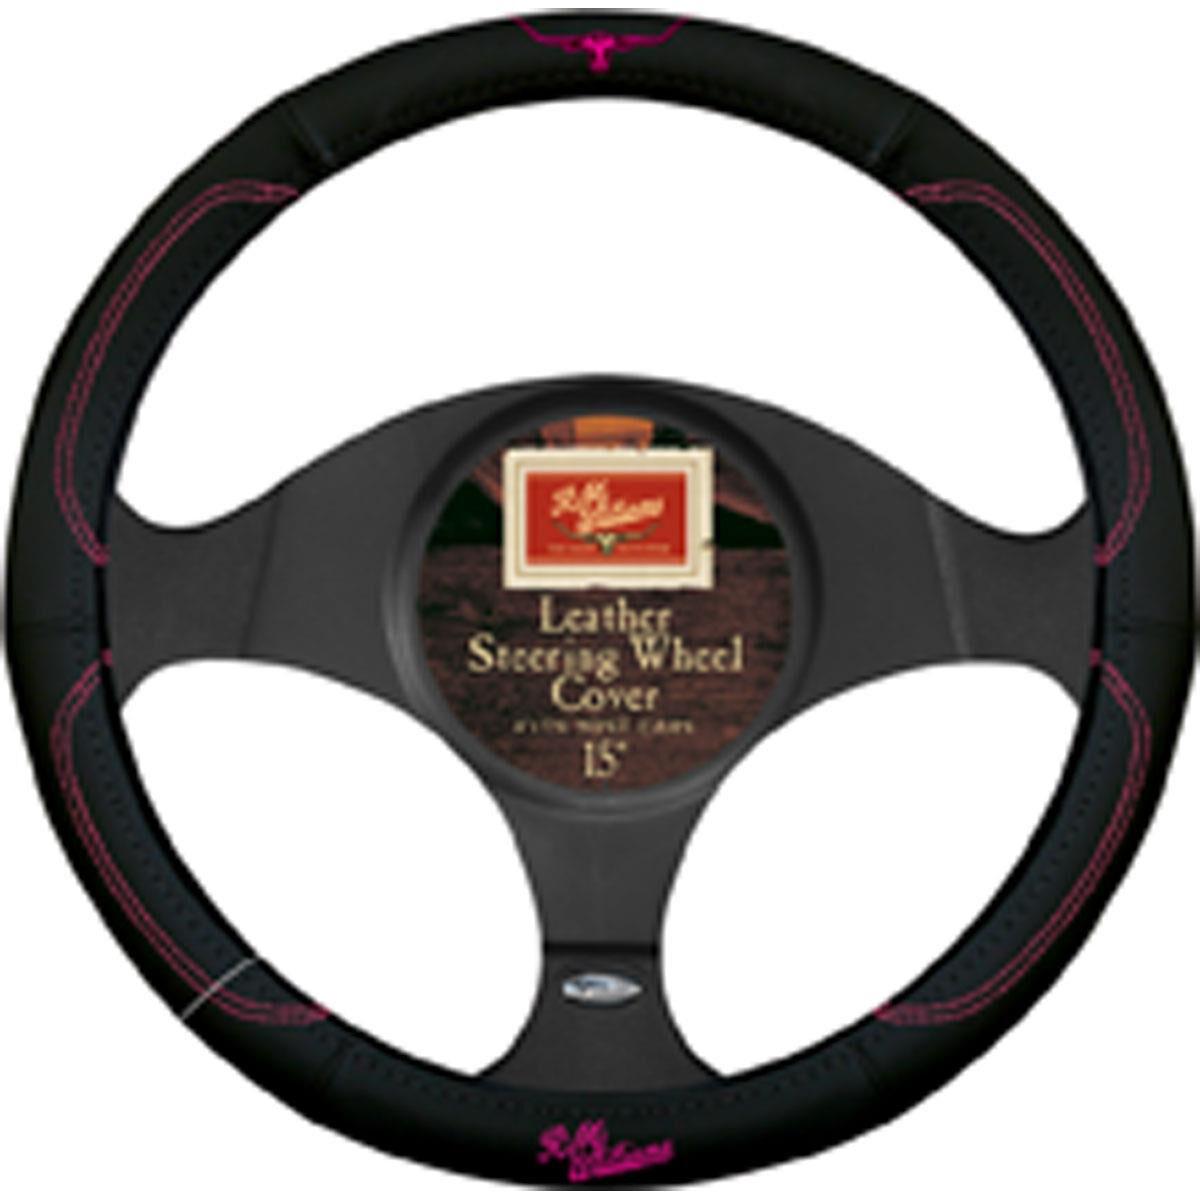 Yaris Black /& Grey Steering Wheel Cover Glove 37cm